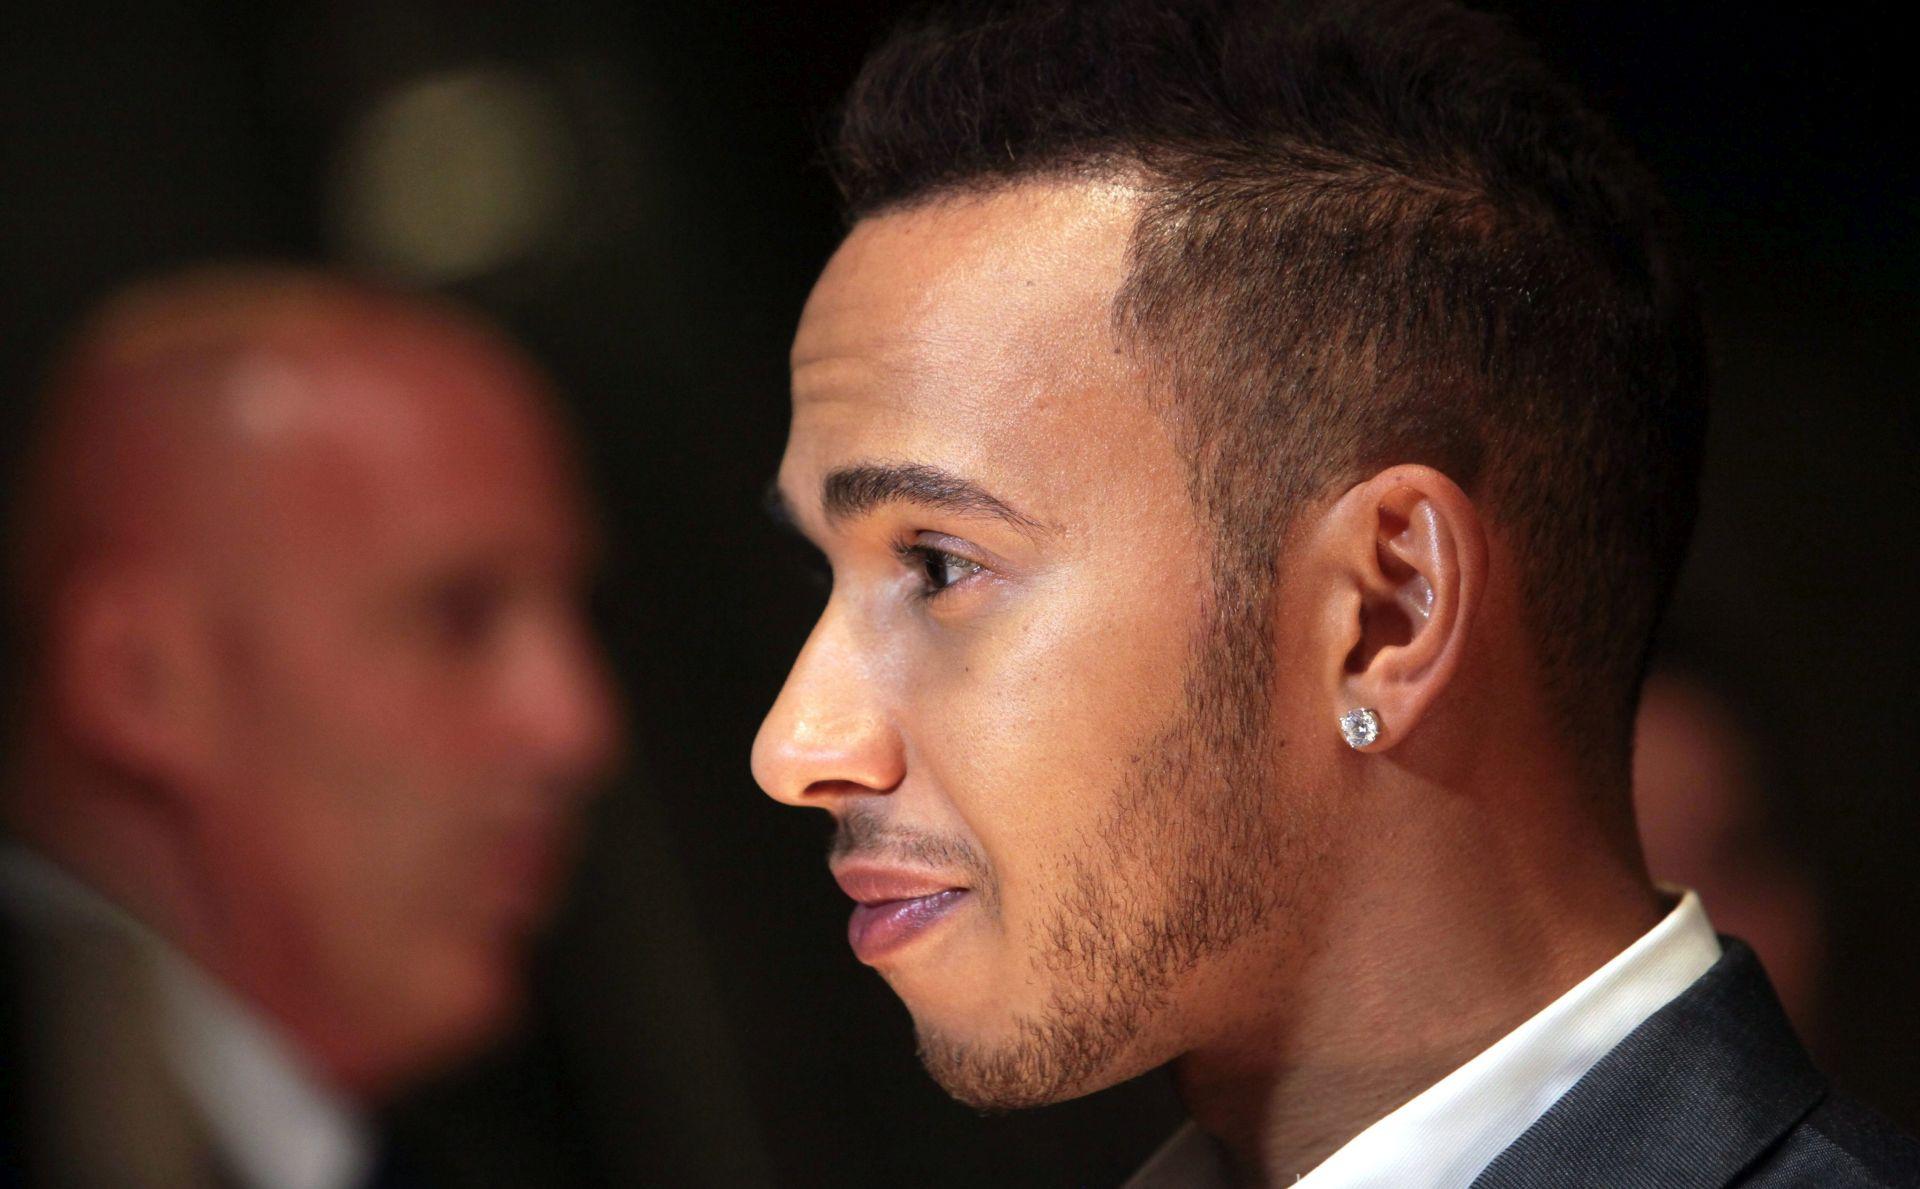 Lewis Hamilton ipak nastupa u Brazilu, iz prometne u Monaku izašao neozlijeđen